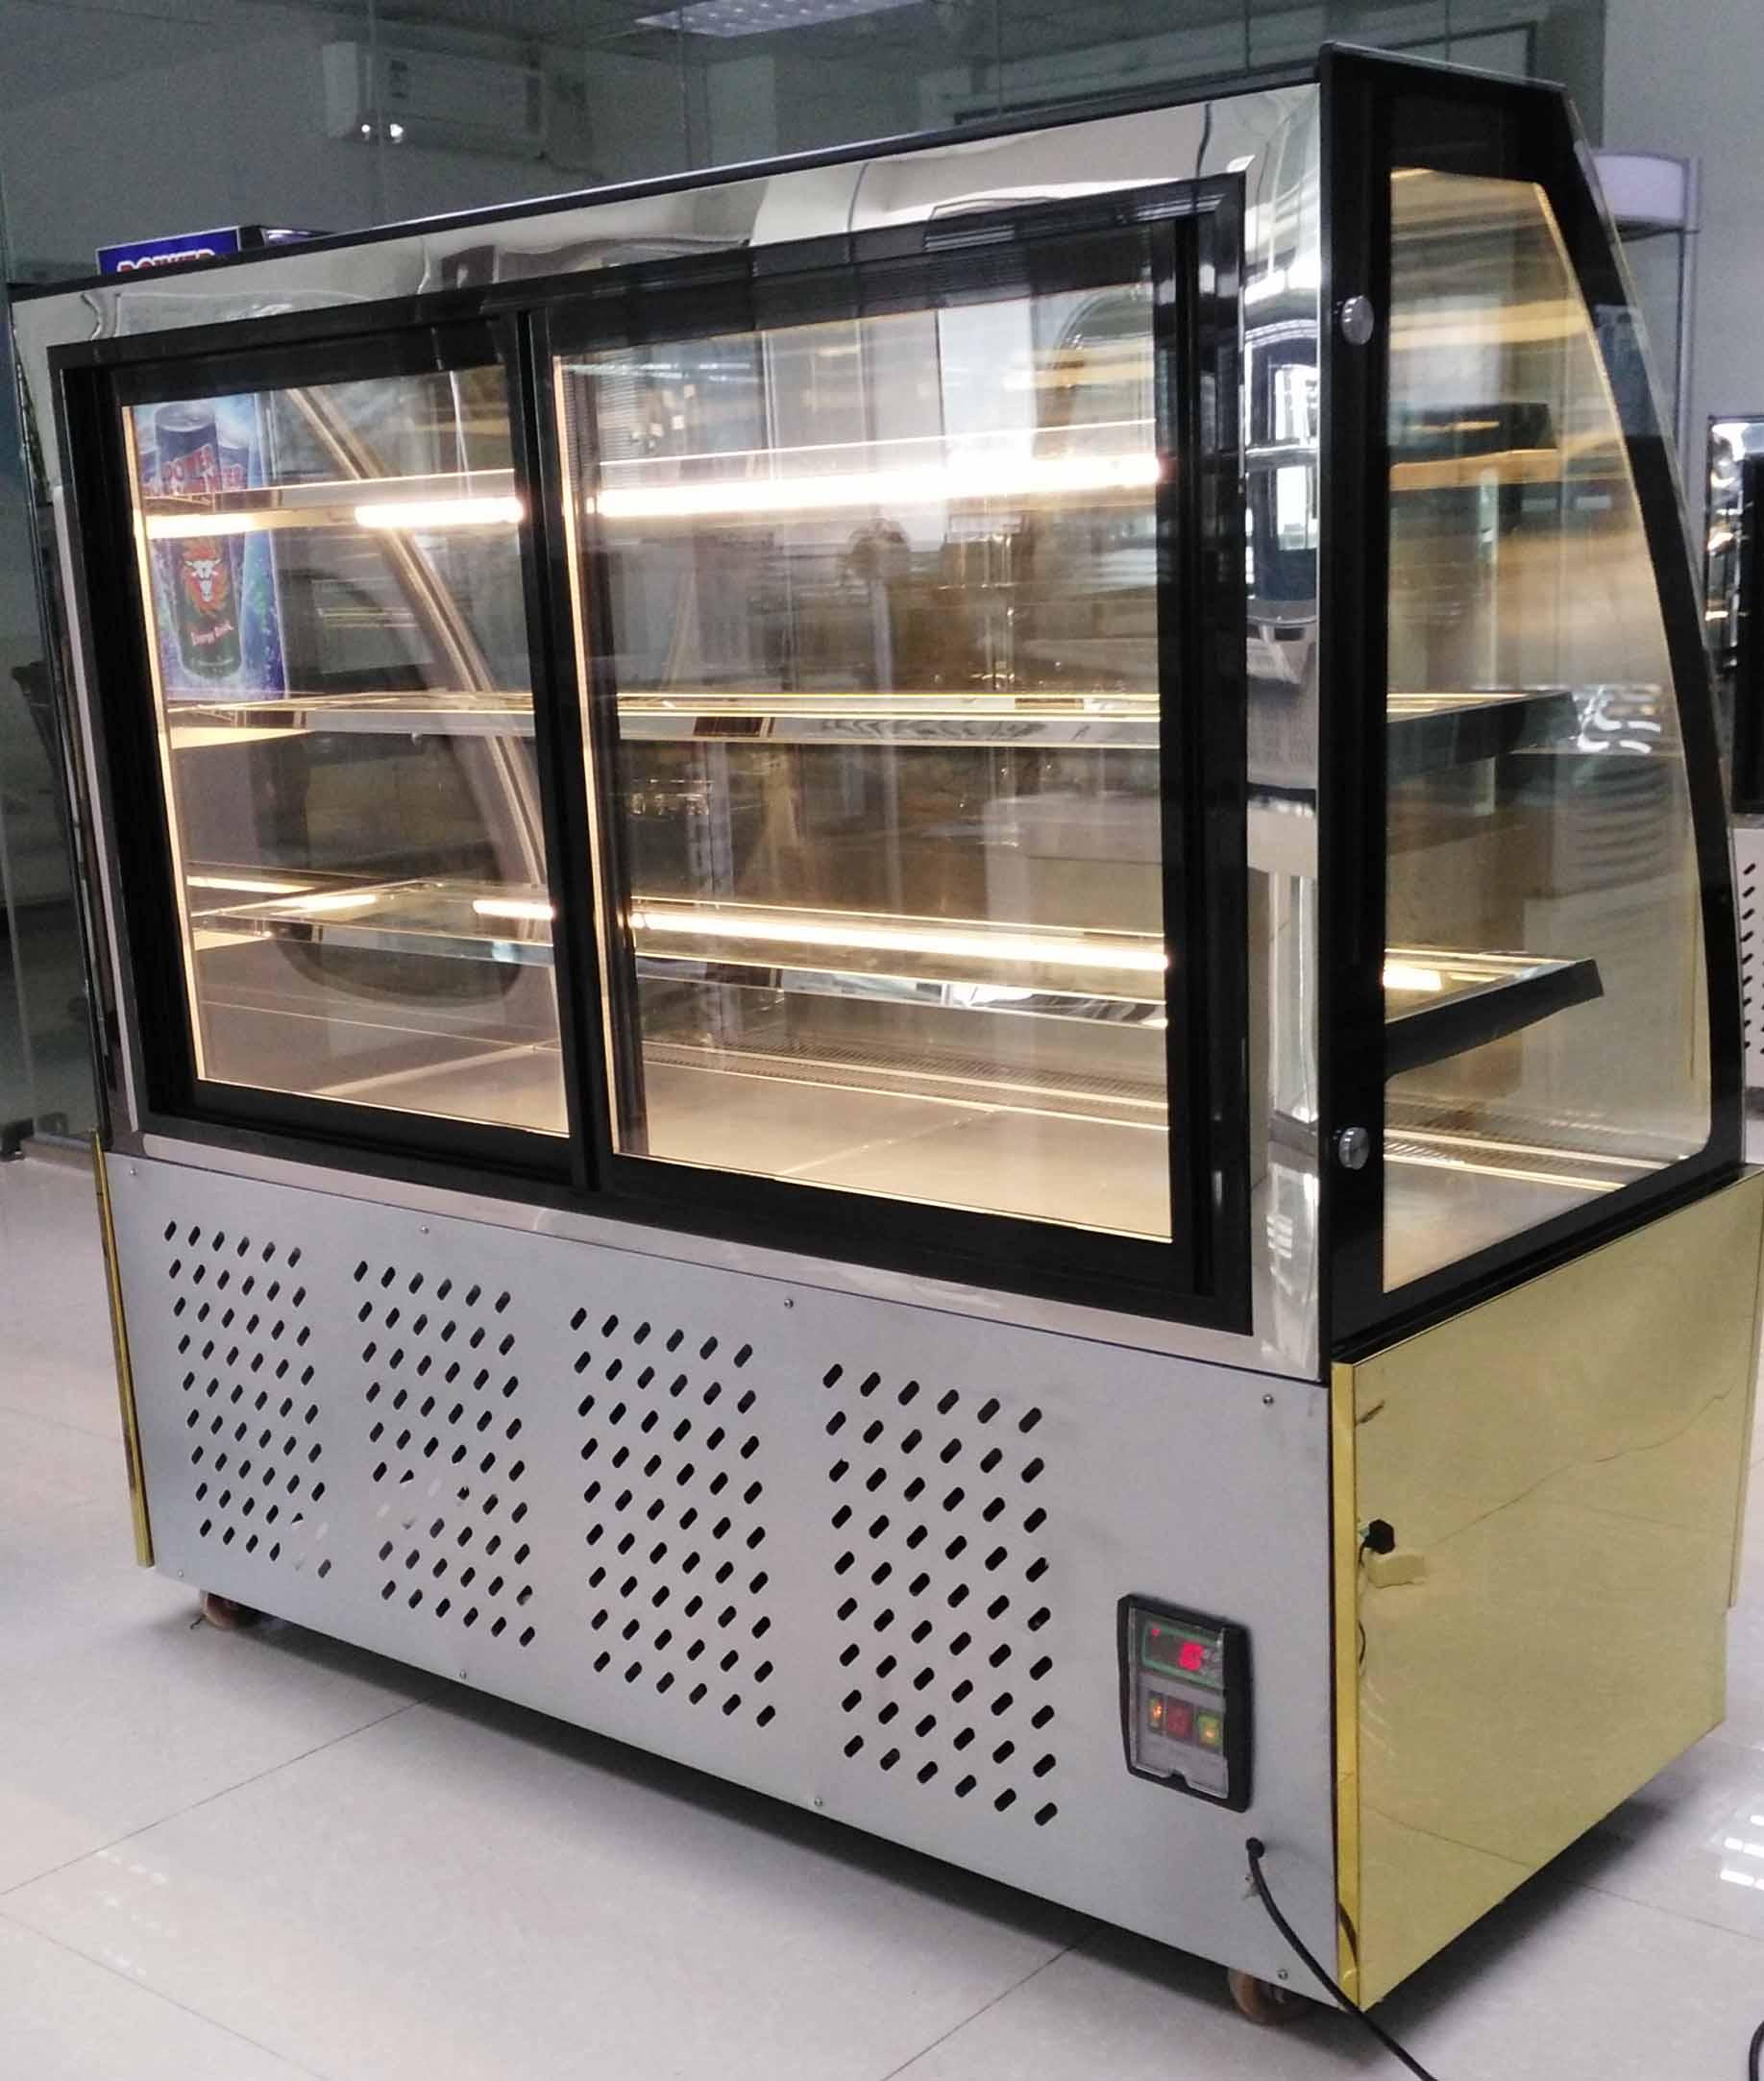 door refrigerator cu turbo n air equipment tgf glass freezer merchandising countertop ft display